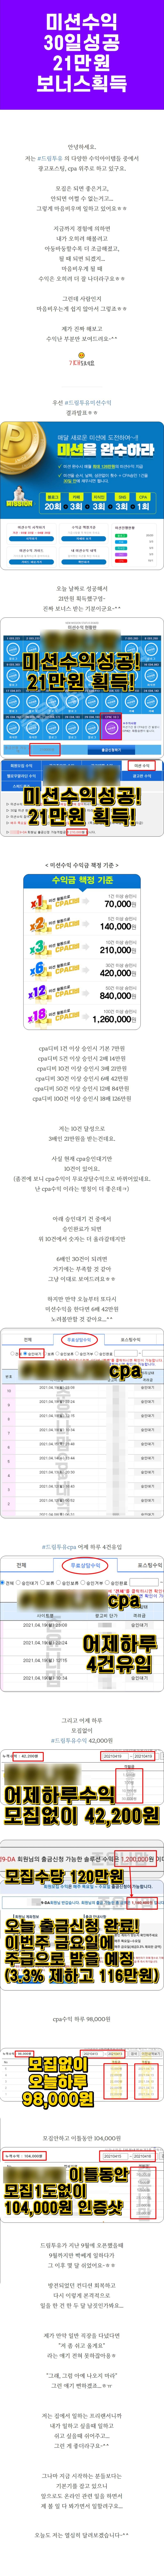 윤준나맘.jpg